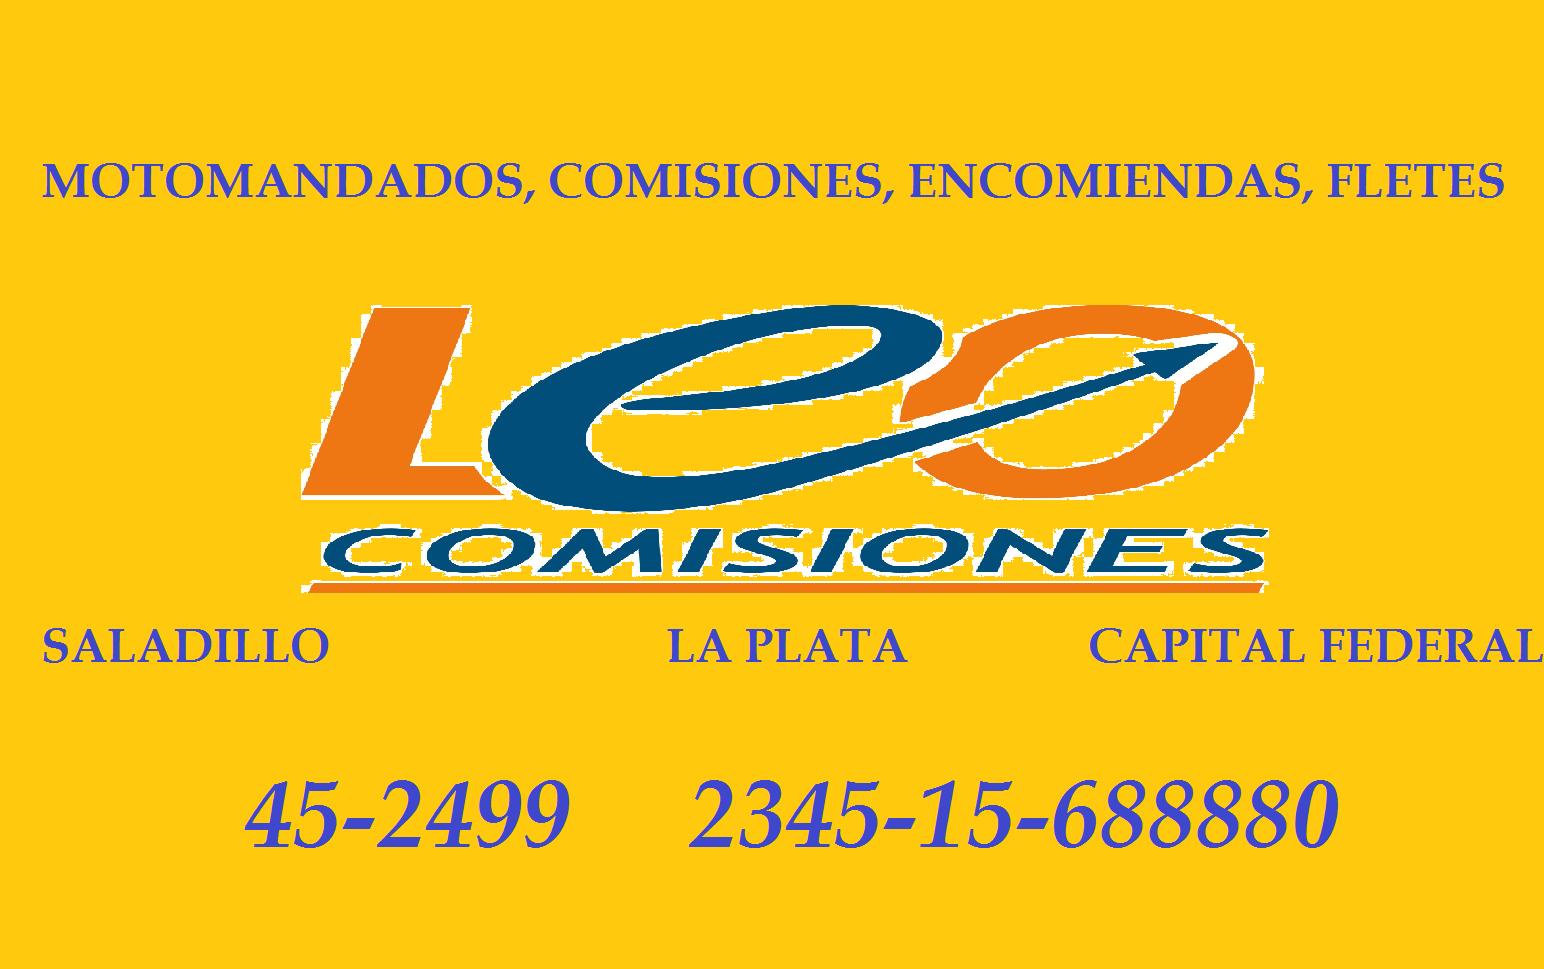 LEO COMISIONES